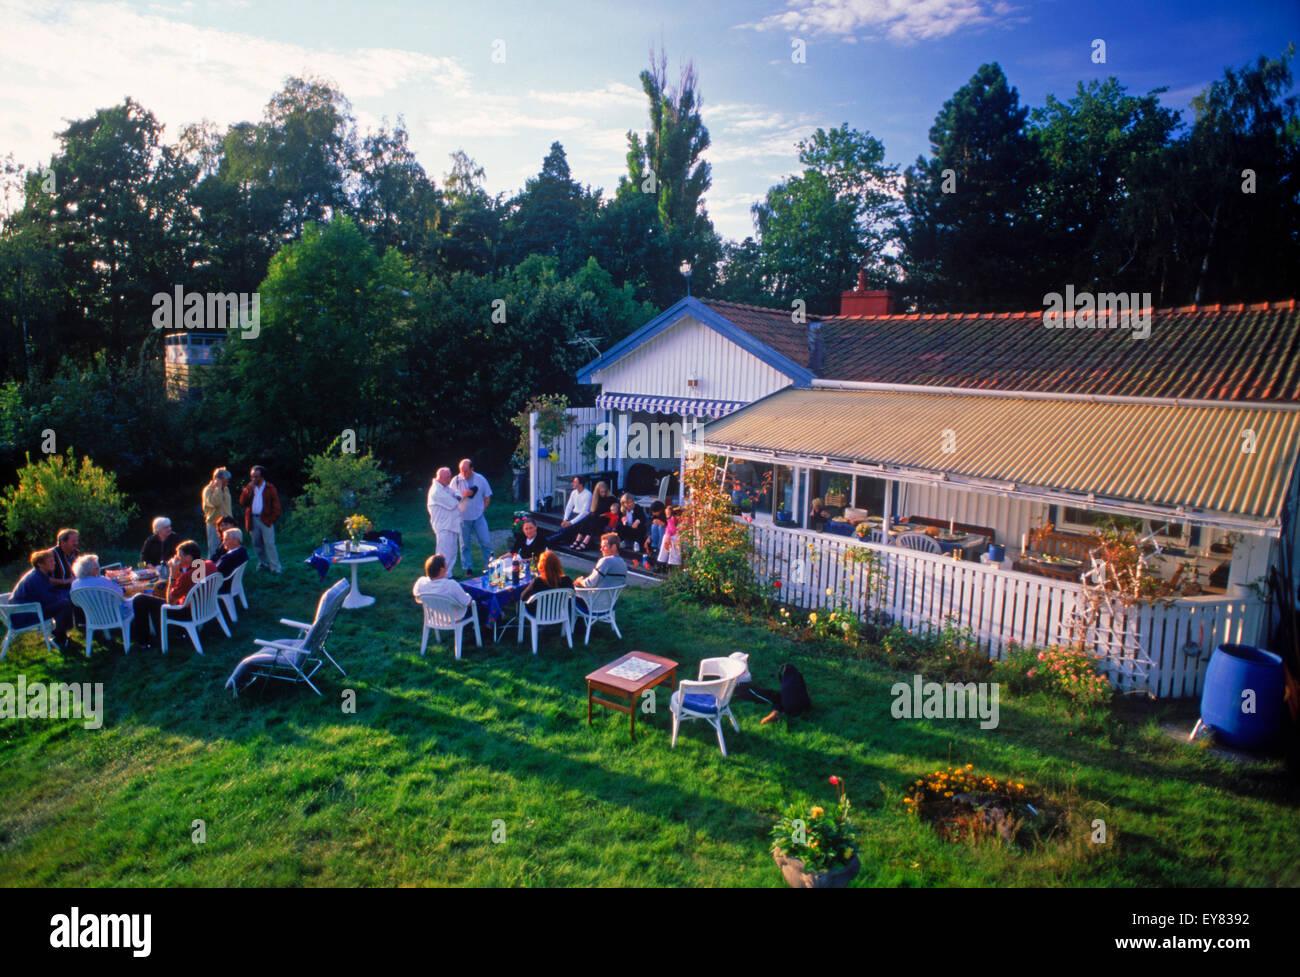 Les amis partageant la nourriture, café et conversation de maison d'été sur l'île de Photo Stock